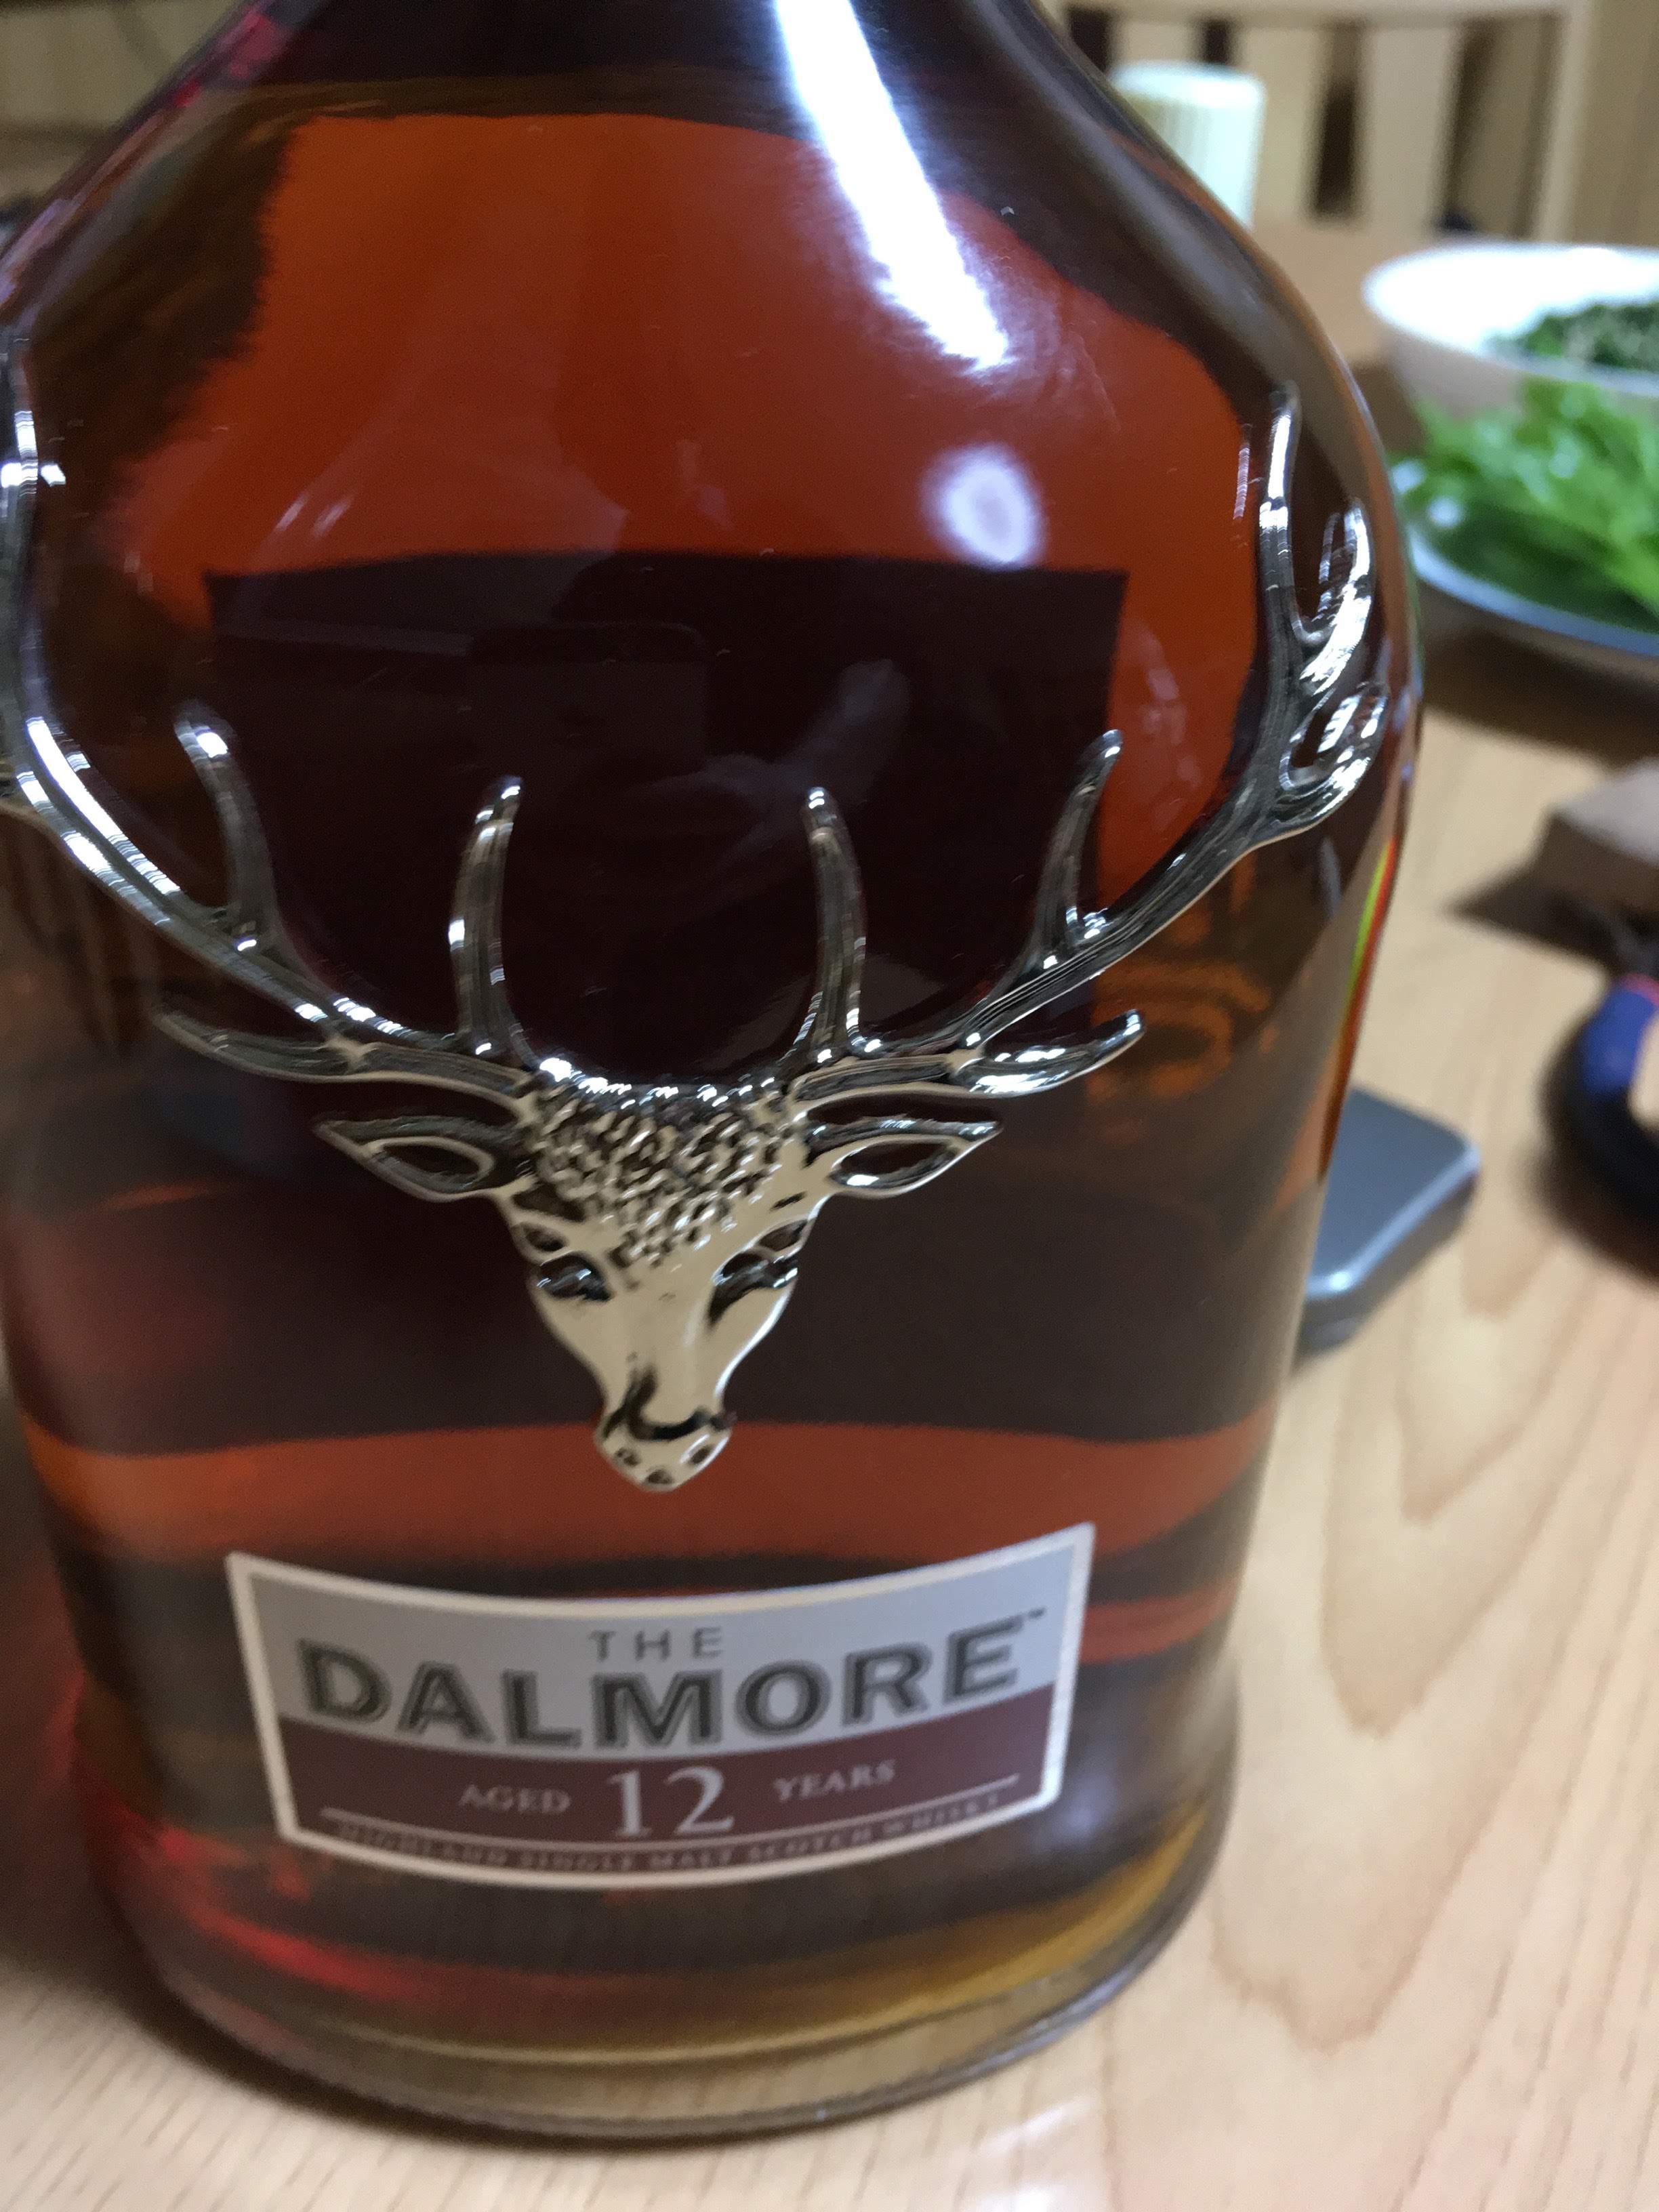 ダルモア12年 シングルモルトウィスキー スコッチ